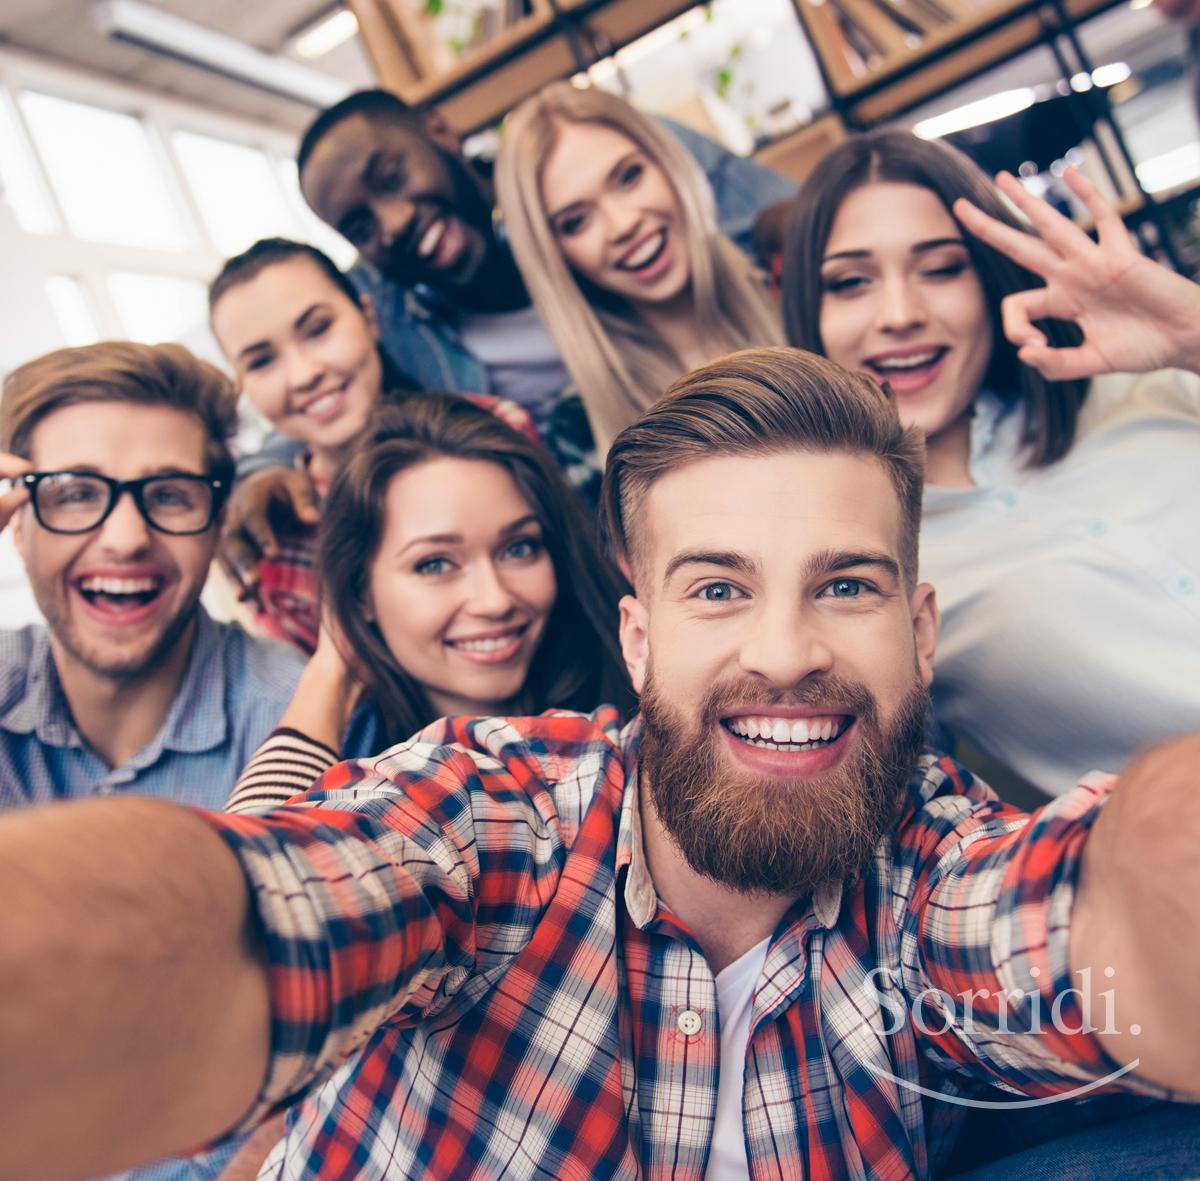 estetica dentale - sorridi-ch-magazine-dentista-locarno-sorriso-denti-bianchi